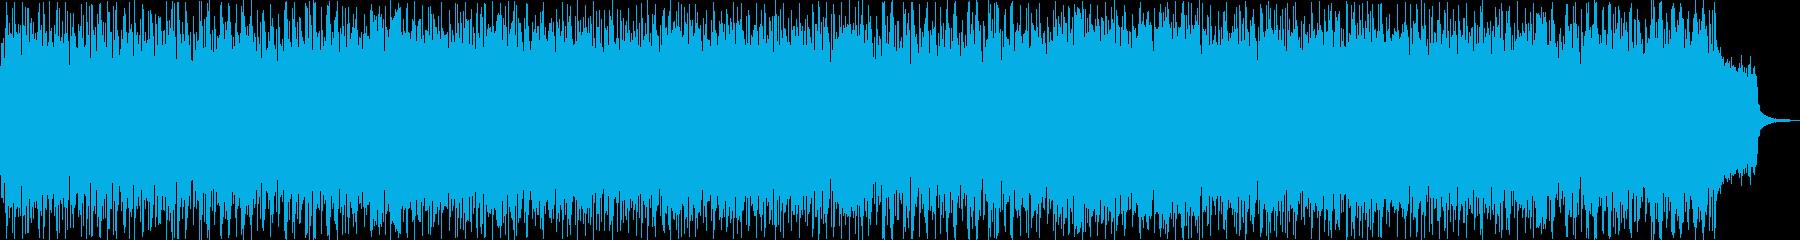 戦いがテーマのゲーム音楽風の曲の再生済みの波形